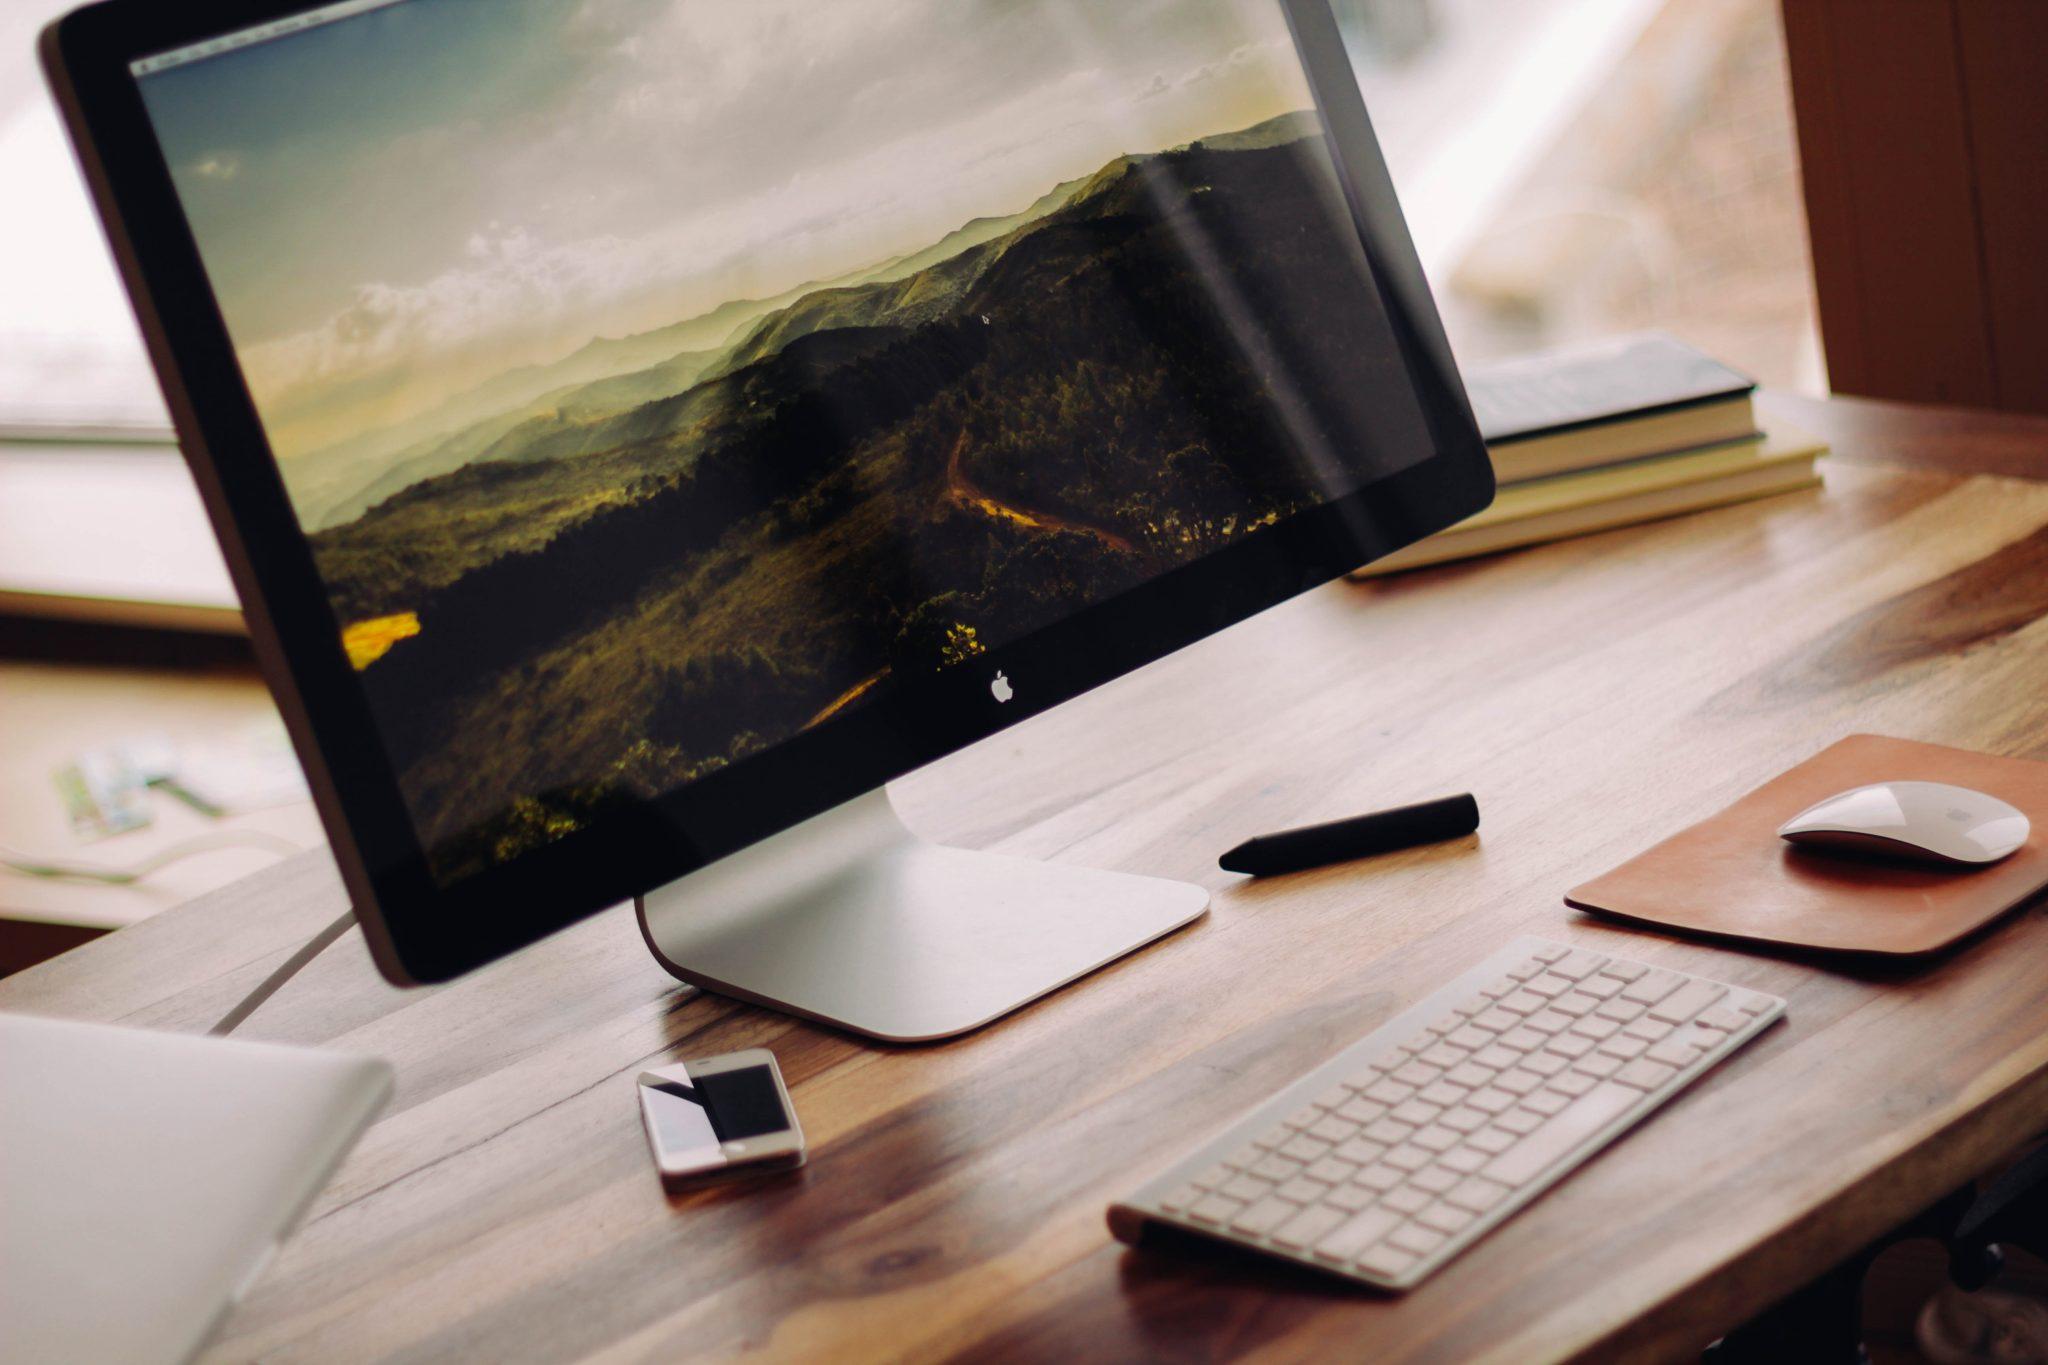 Vox Digital Website Design Resources